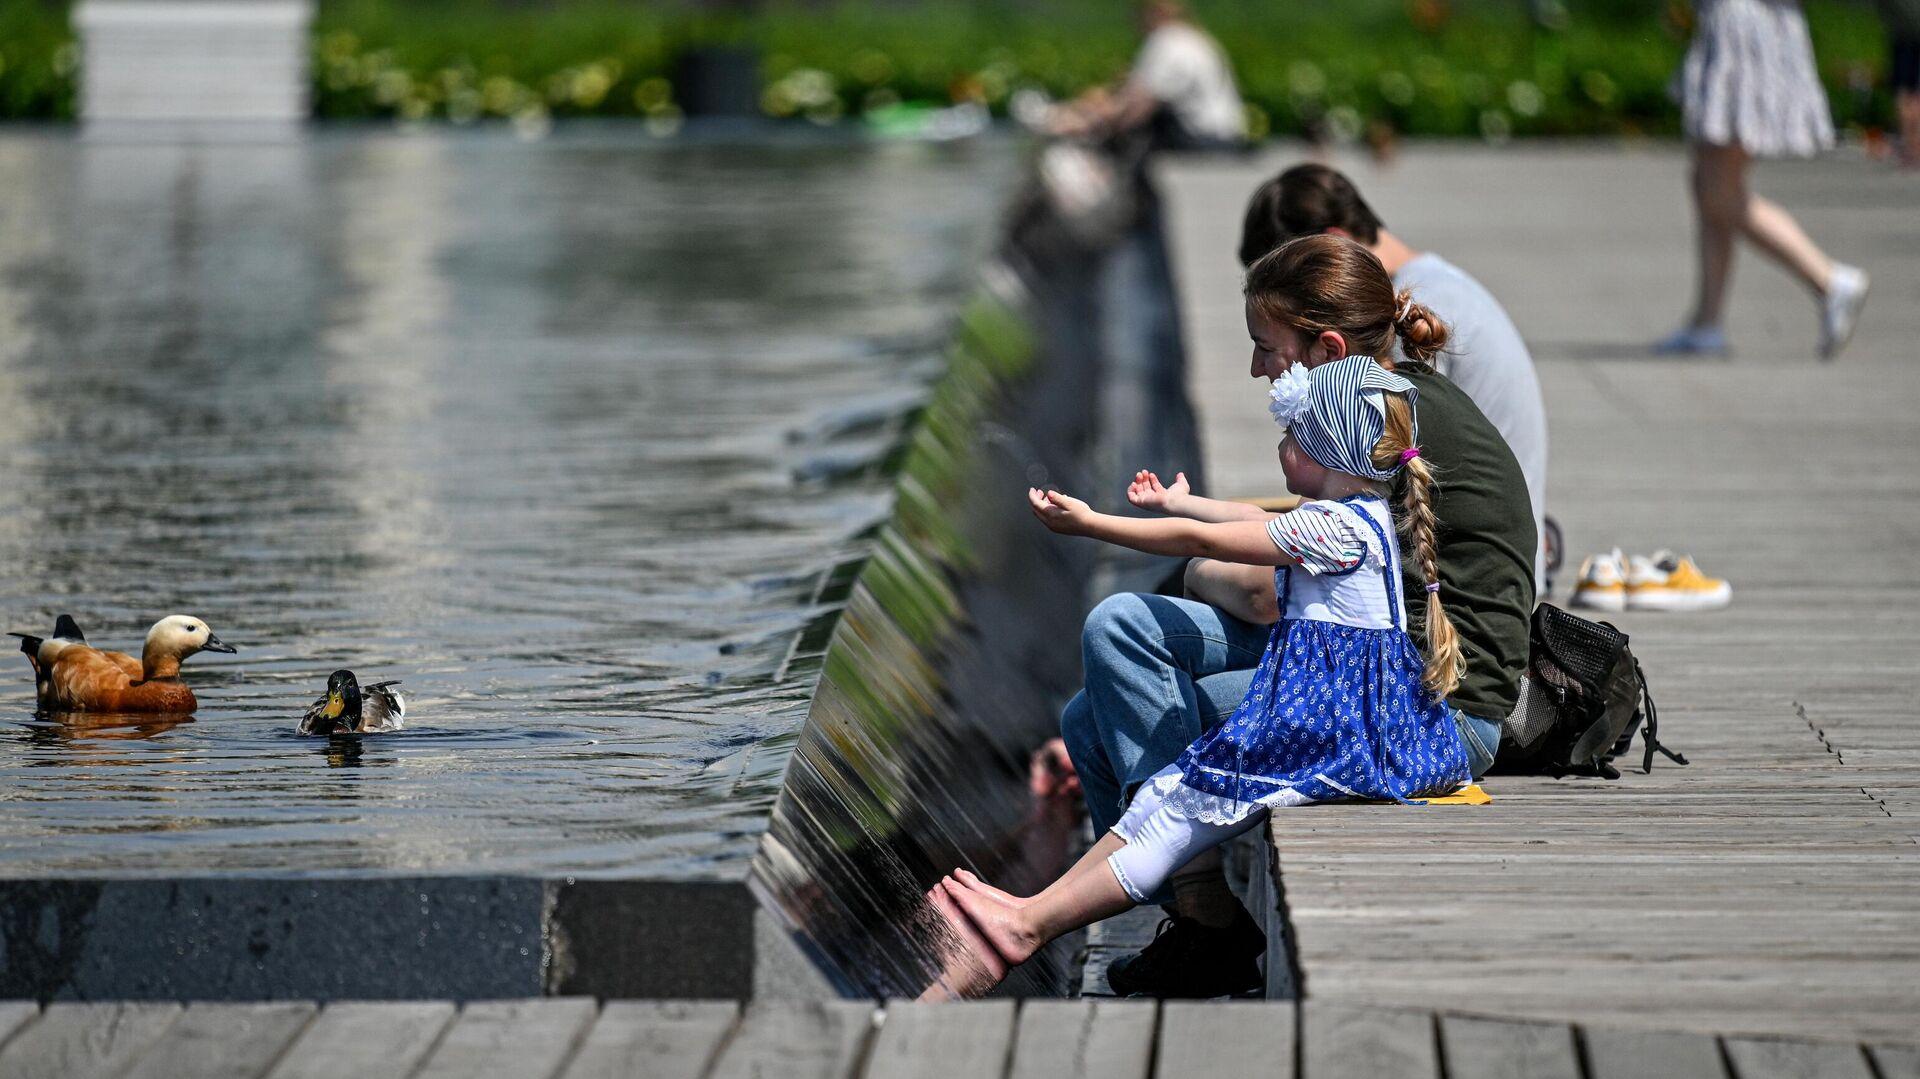 Отдыхающие в Парке Горького в Москве - РИА Новости, 1920, 20.07.2021